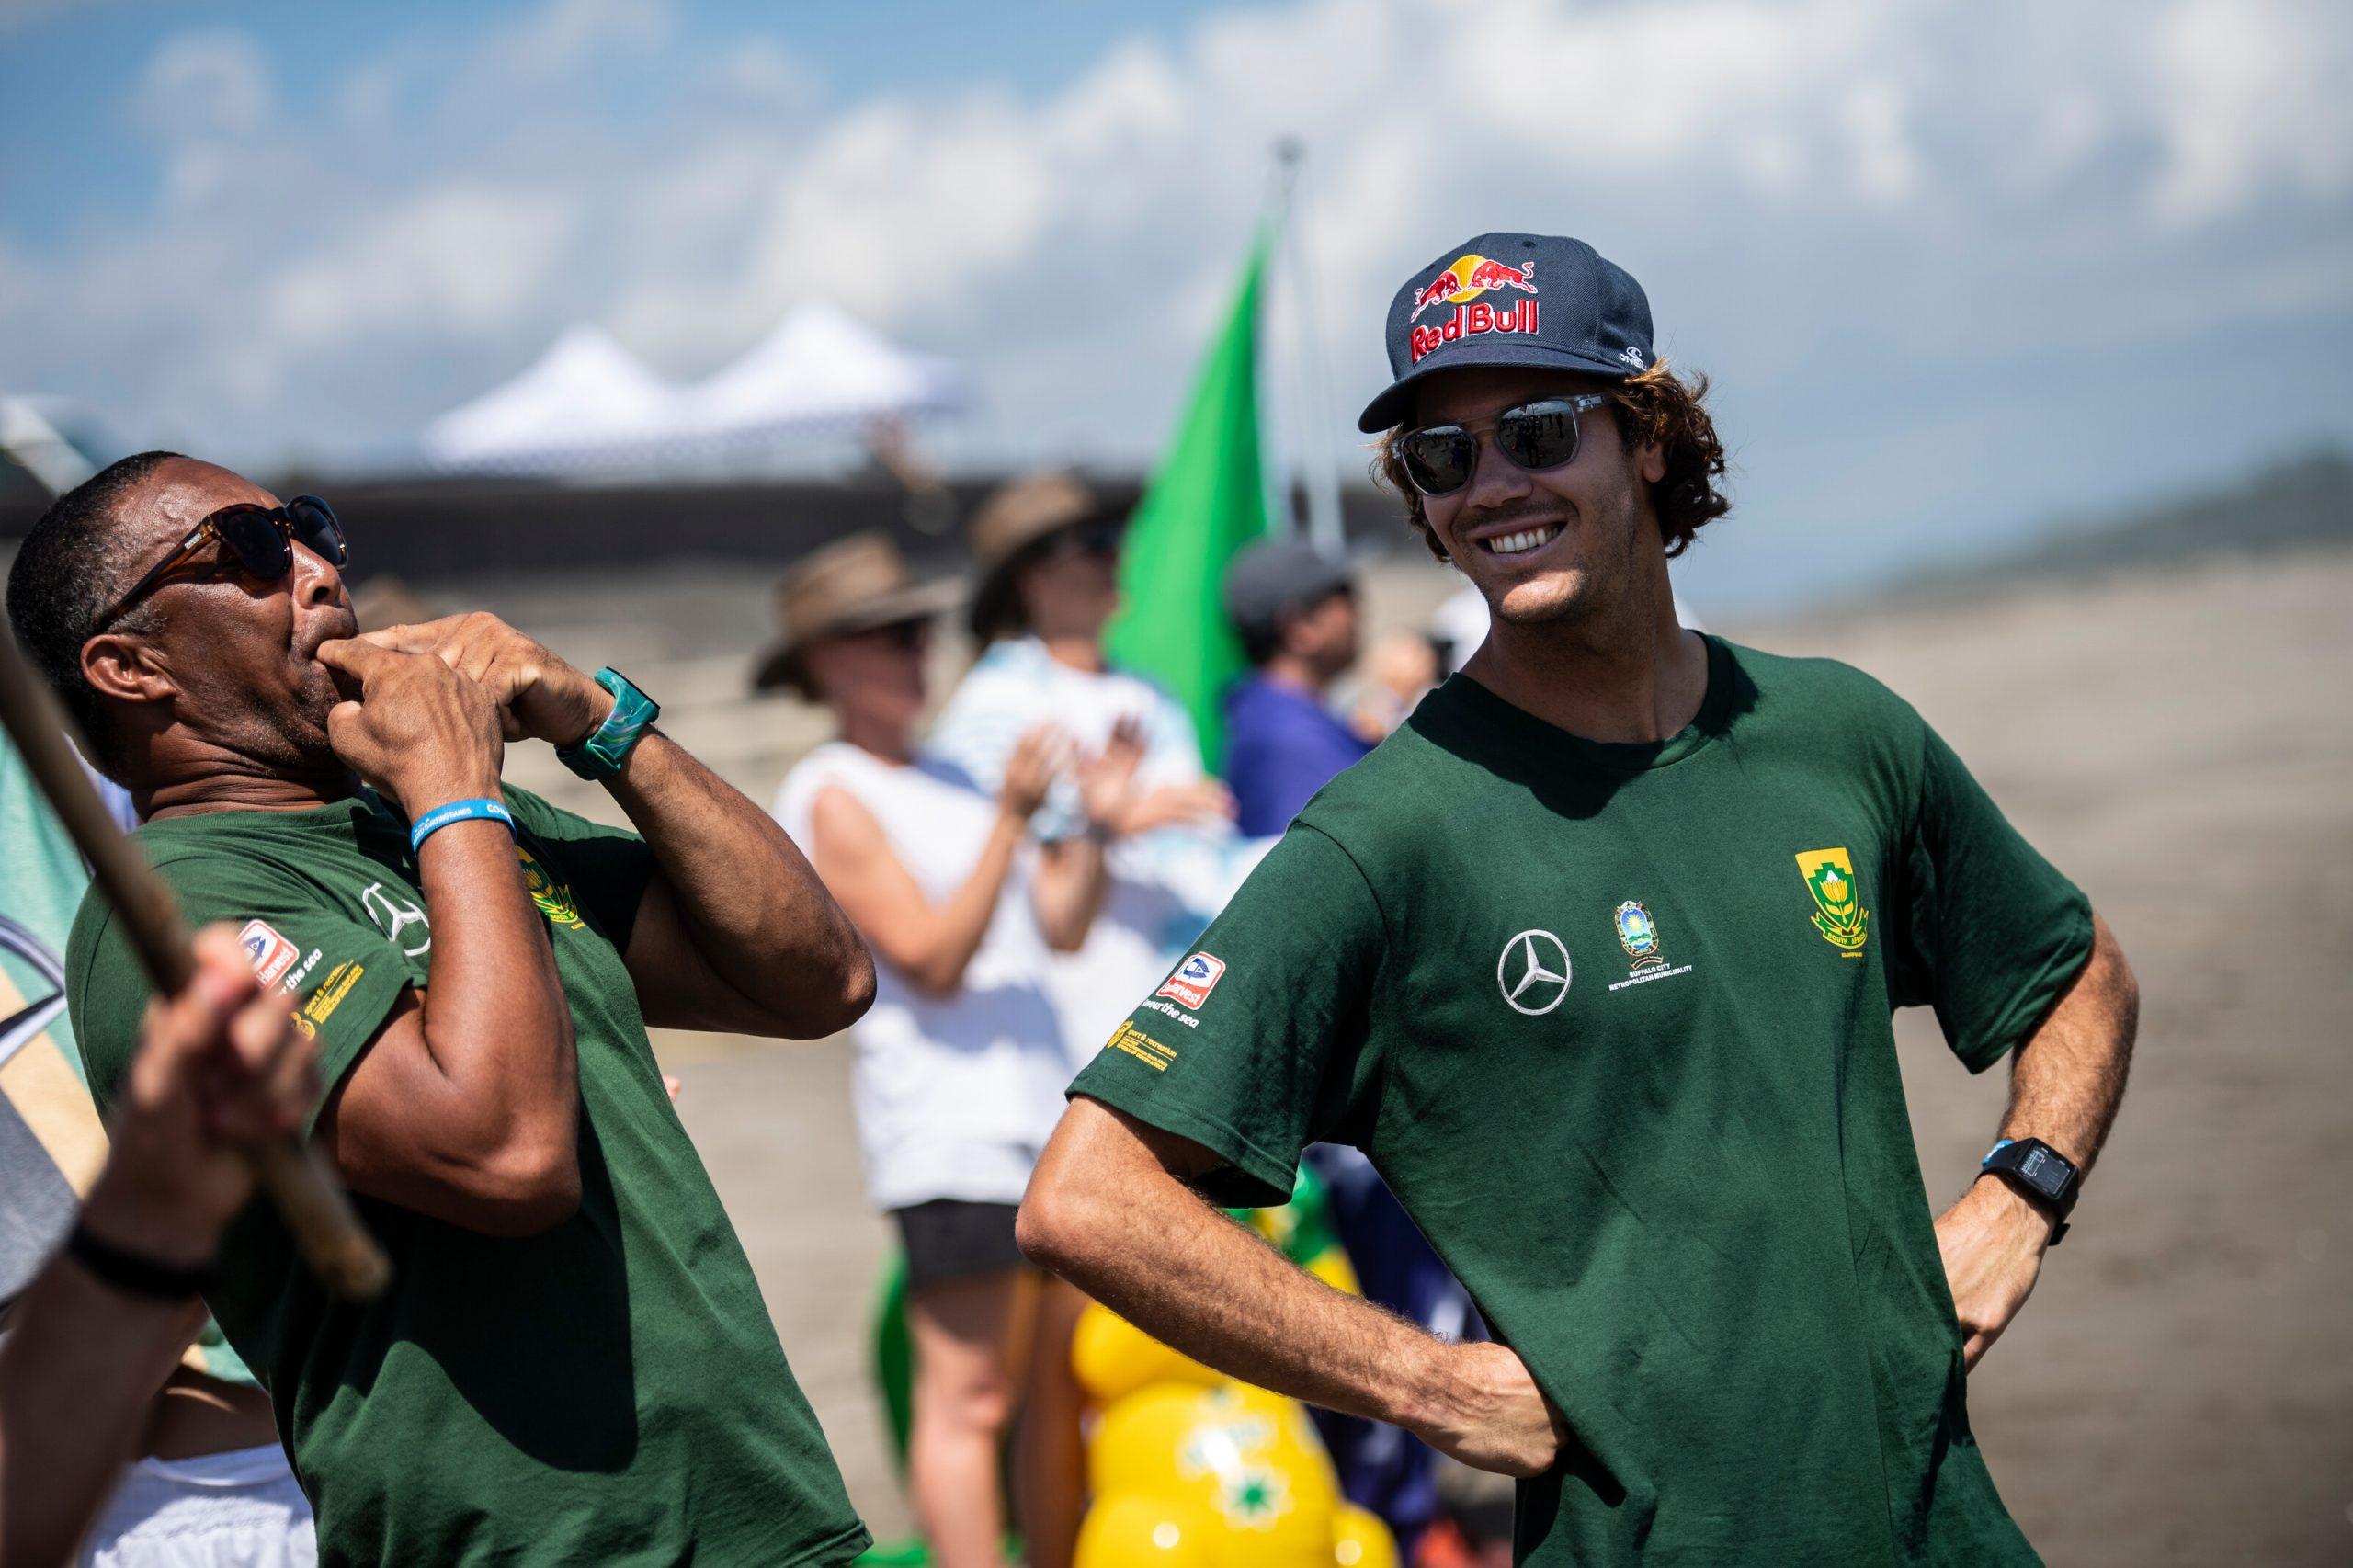 Jordy hits the waves in Hawaii season opener